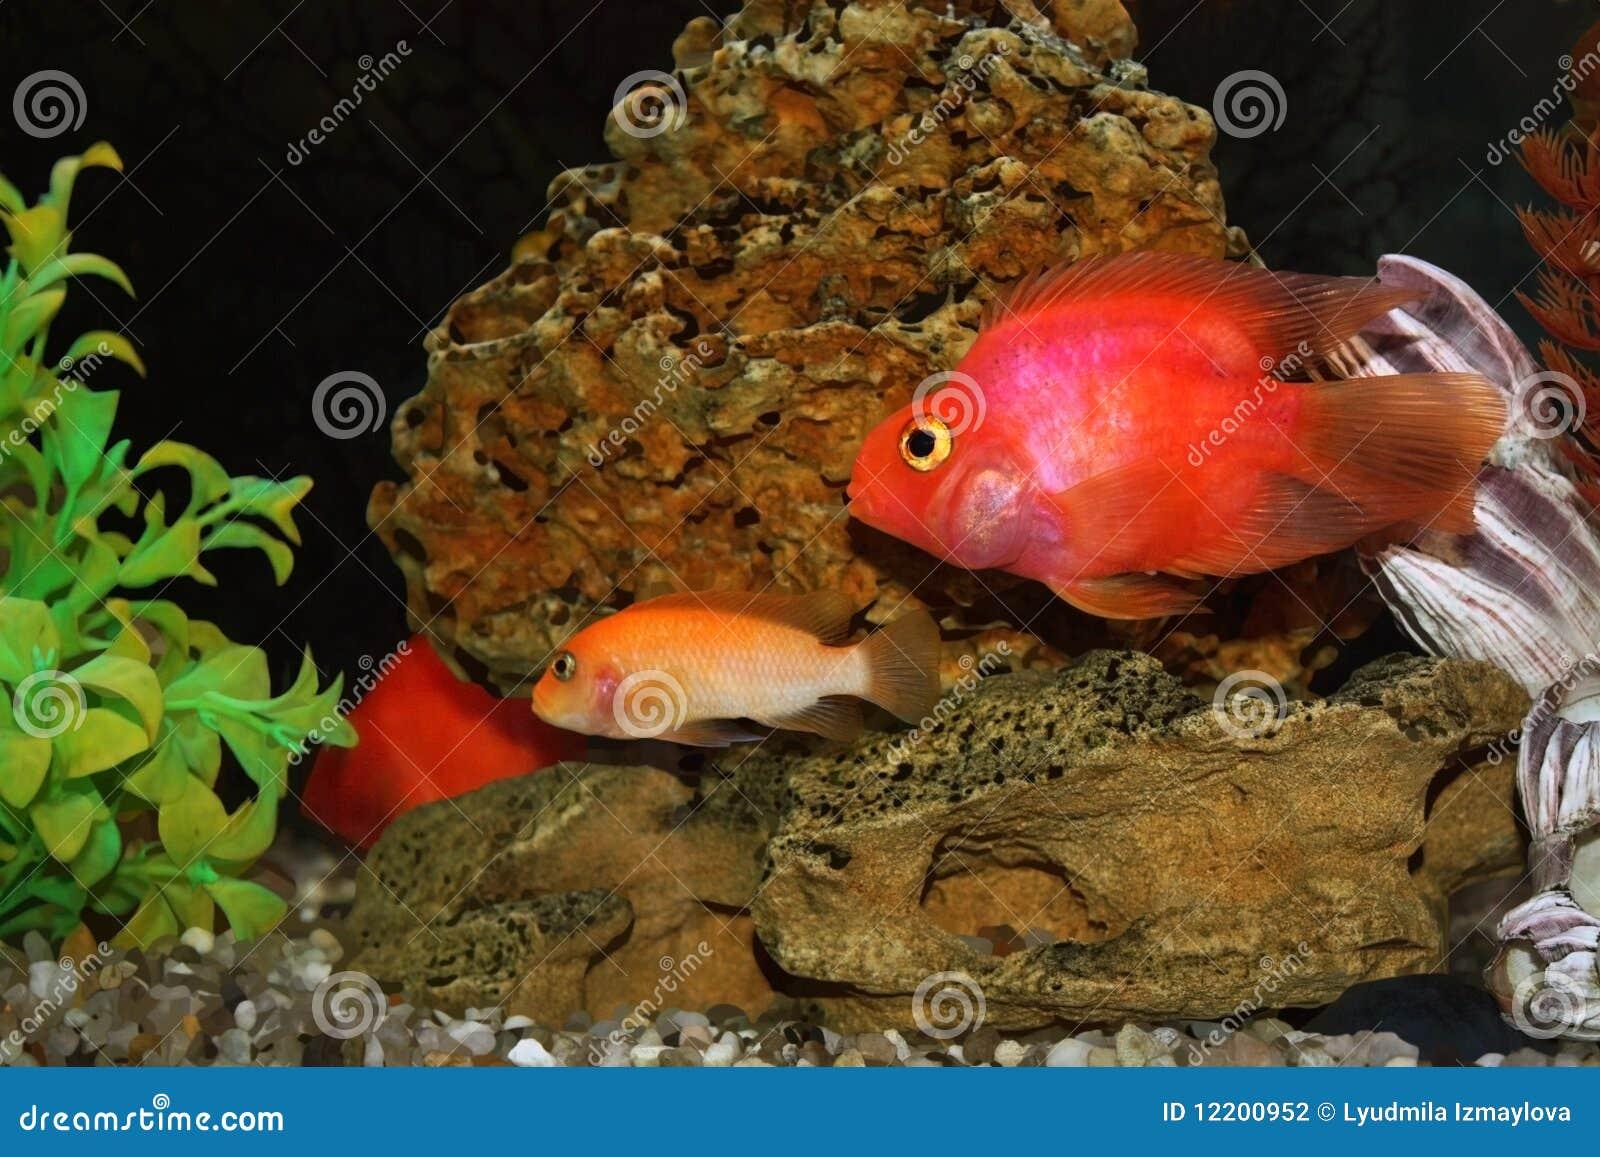 Aquariumfische - barbus